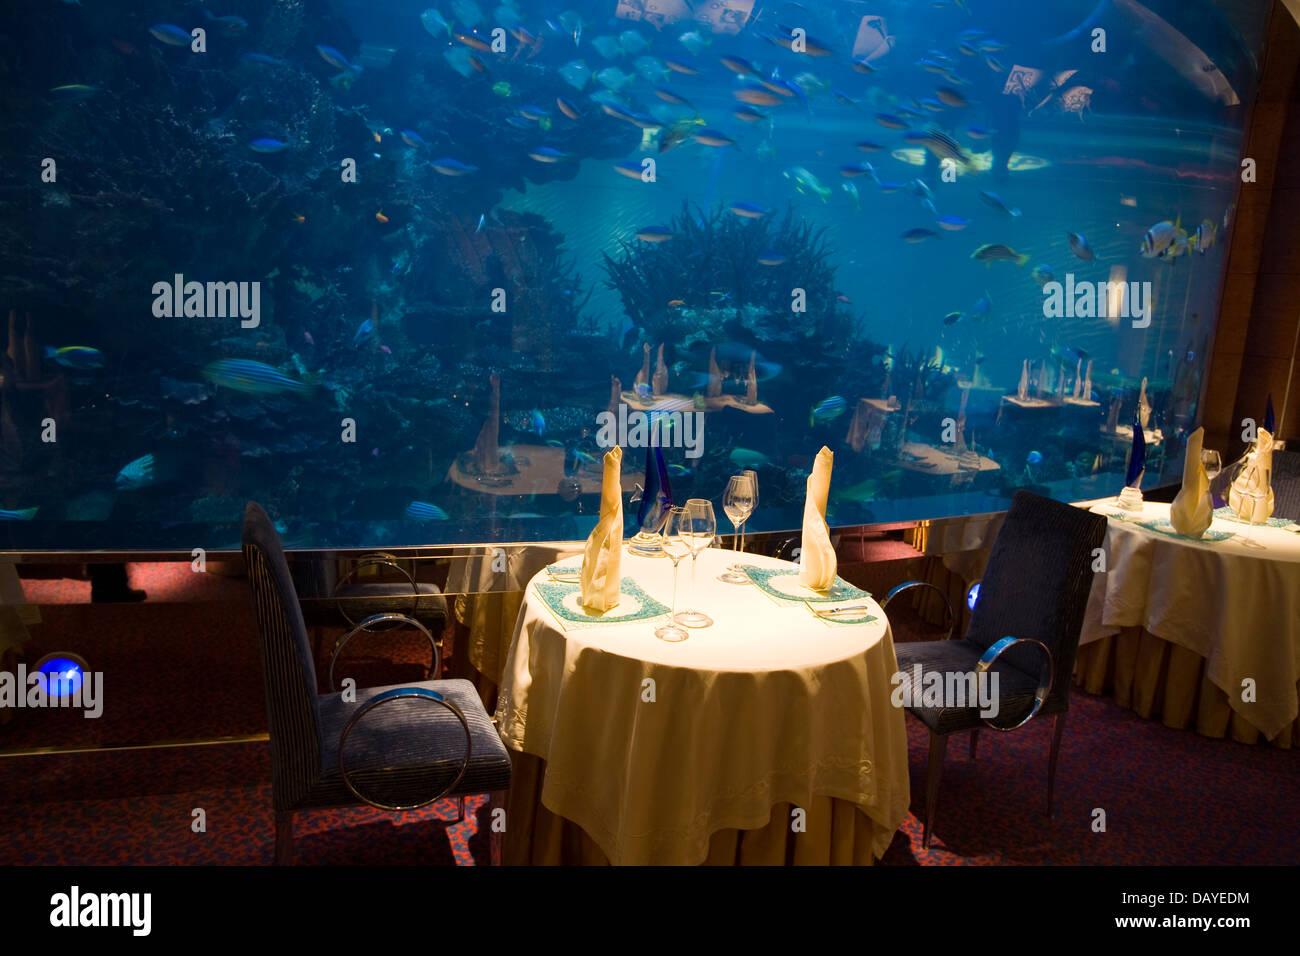 Ресторан в аквариуме дубай пермь дубай